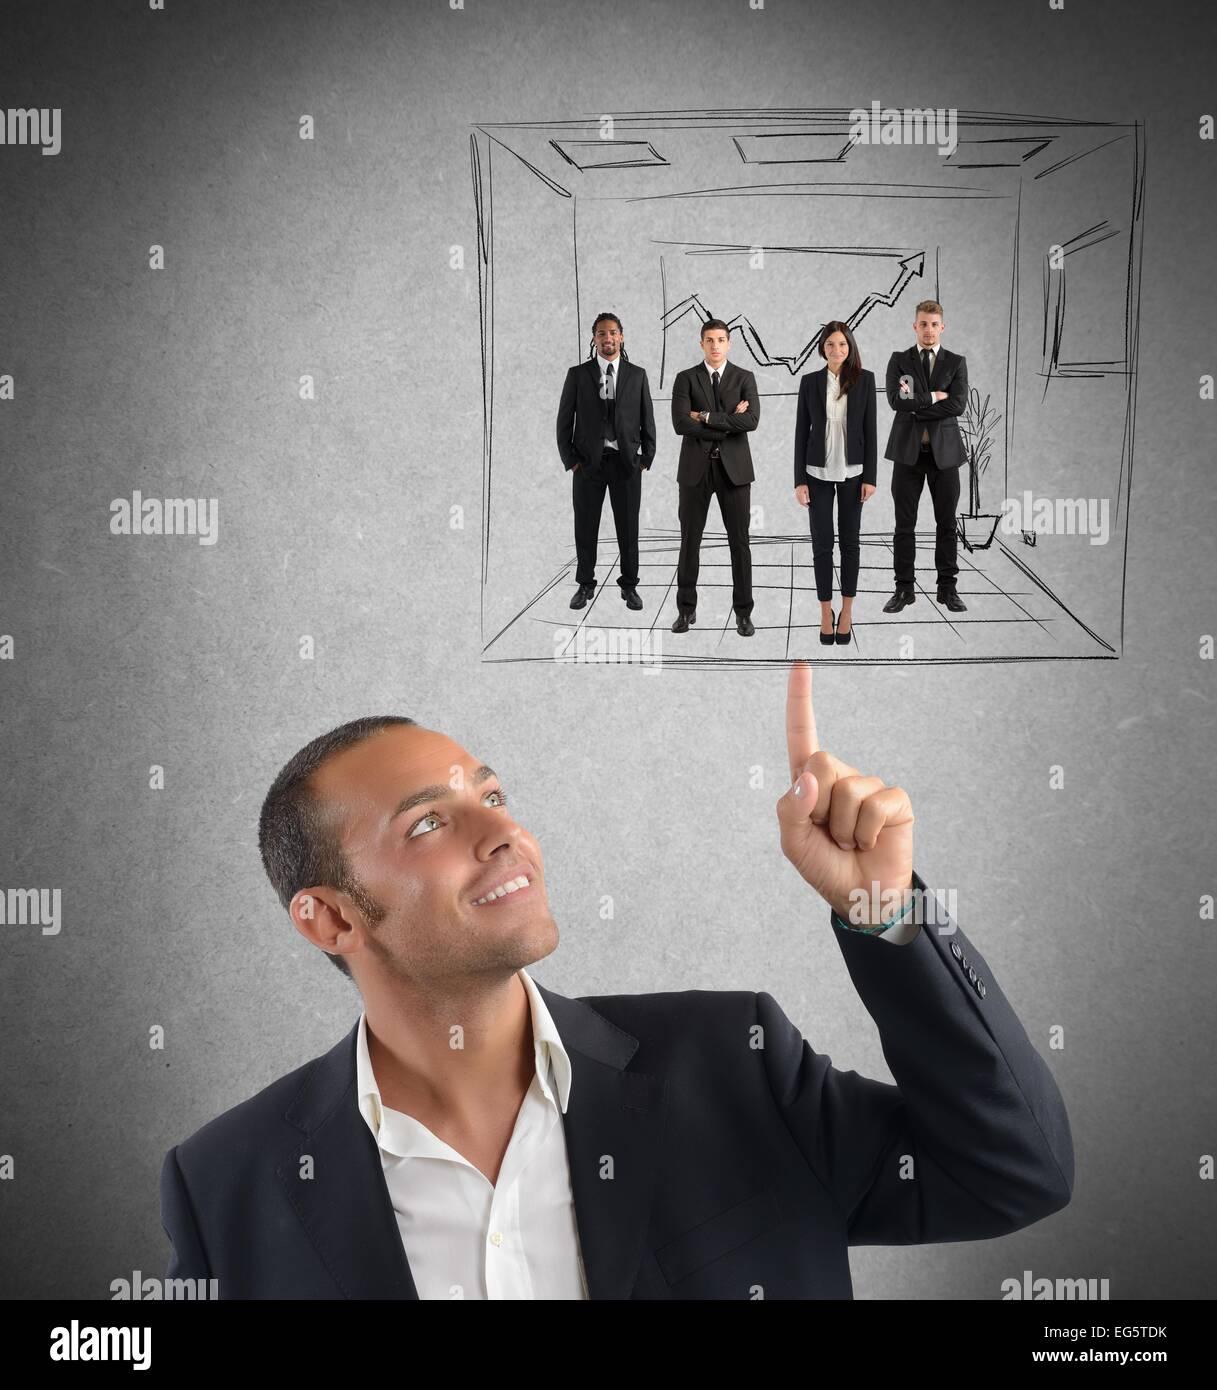 Conseil exécutif fonctionne avec simplicité Photo Stock